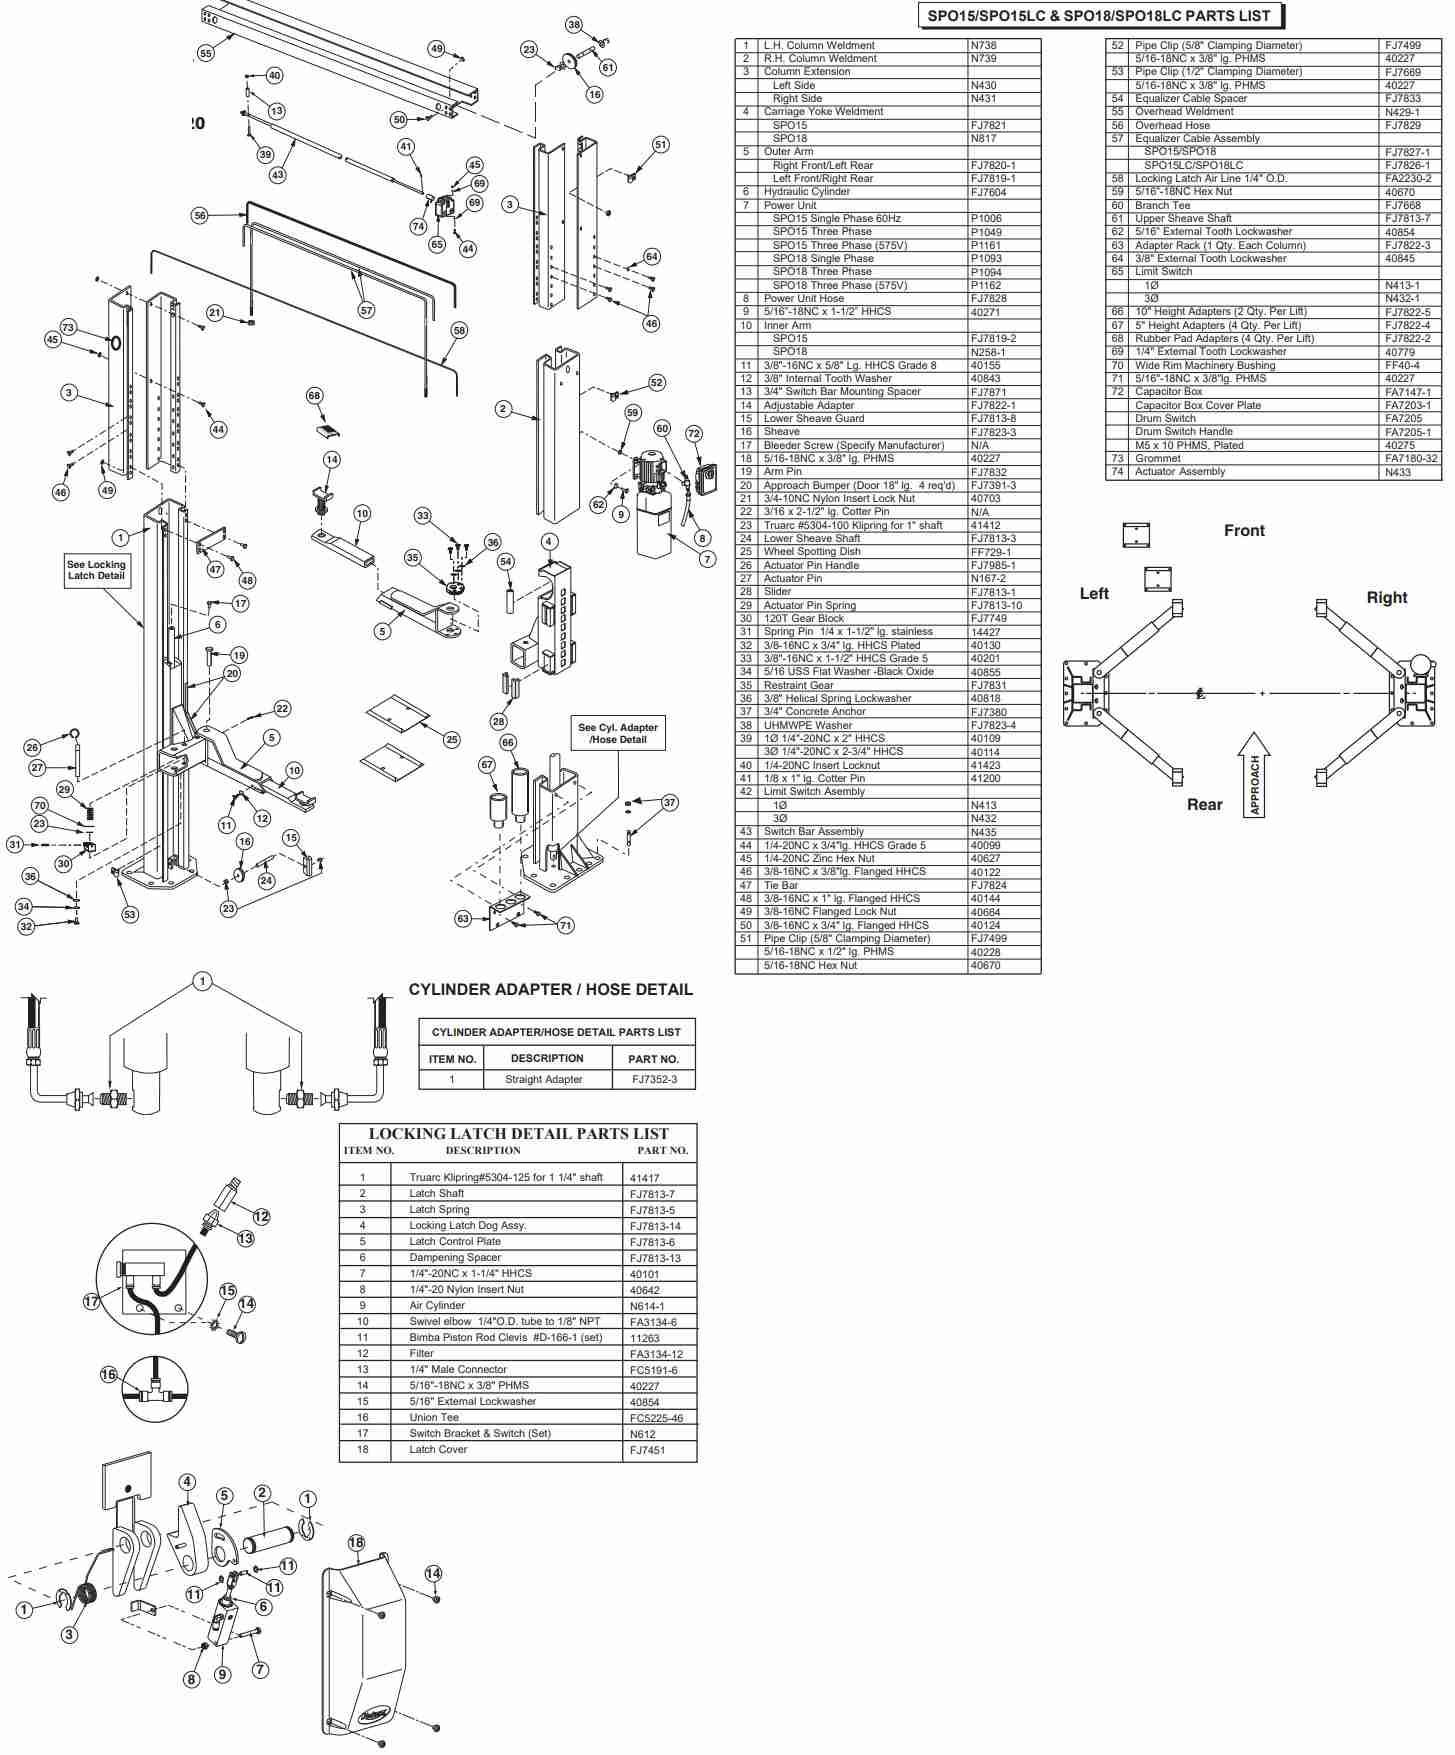 Rotary SPO15/SPO18 Parts Manual